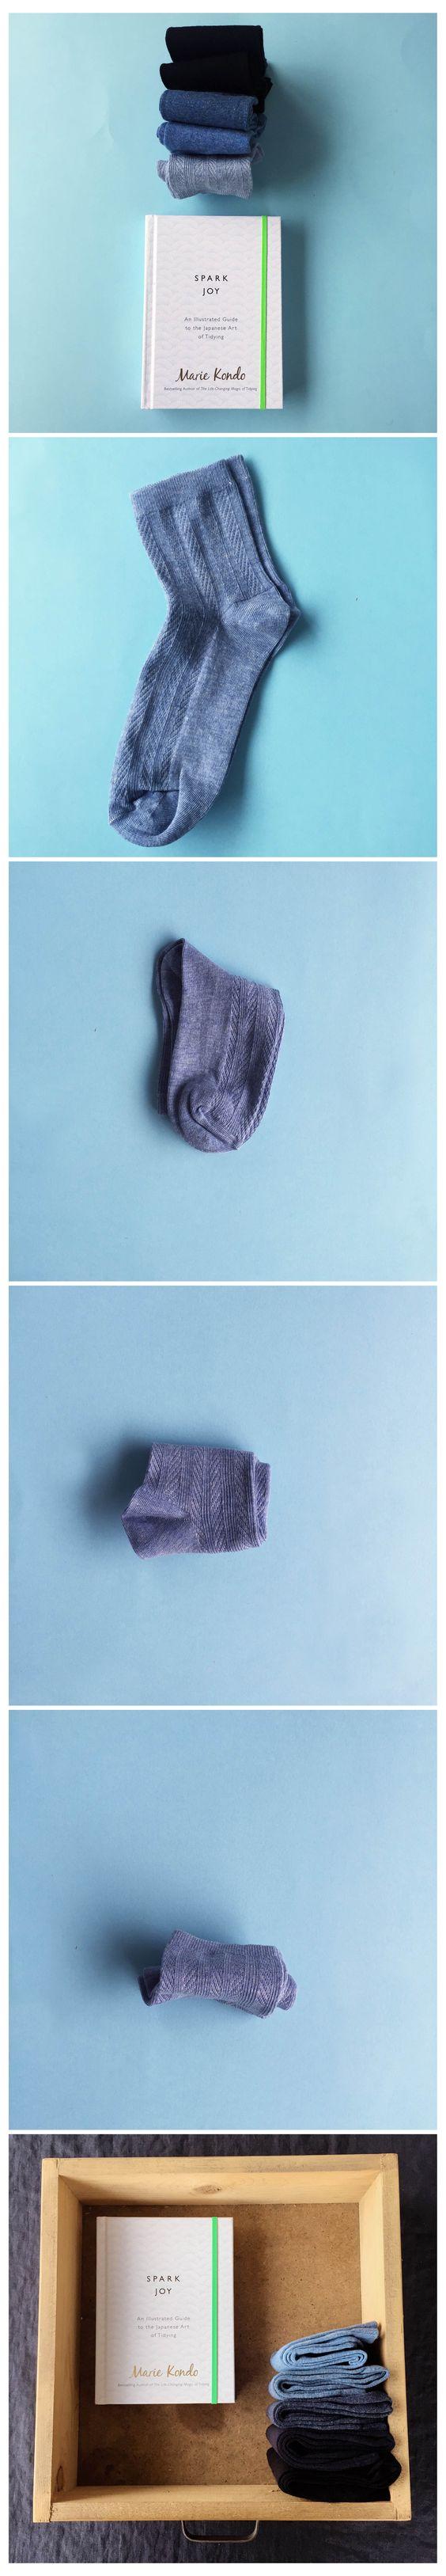 clothing storage tips 9